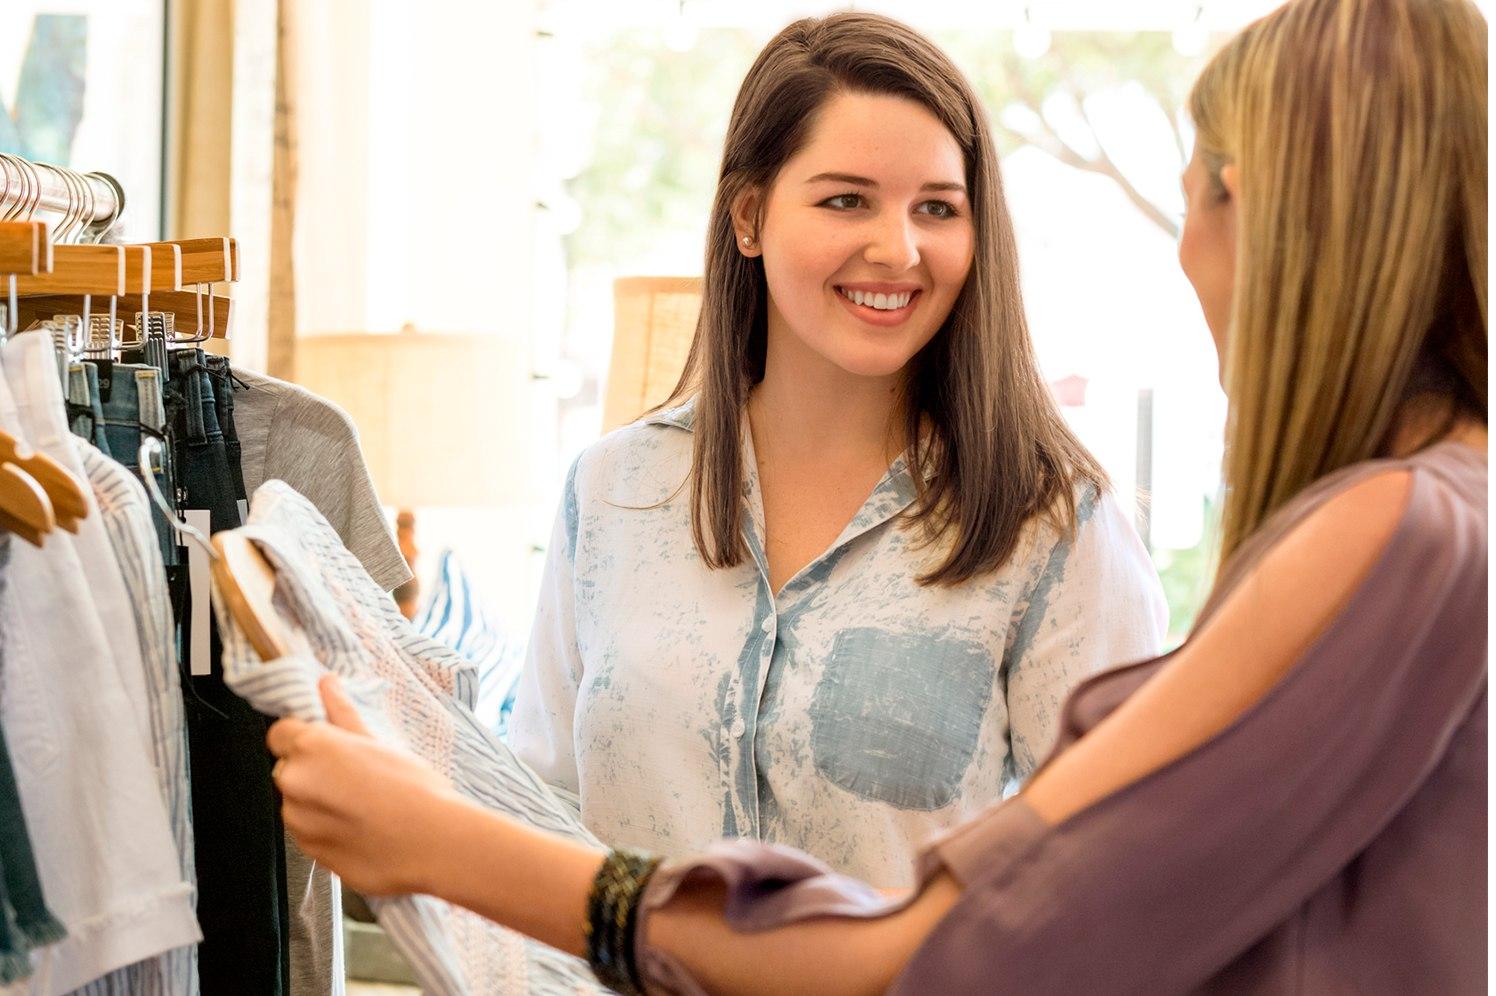 women examining clothing